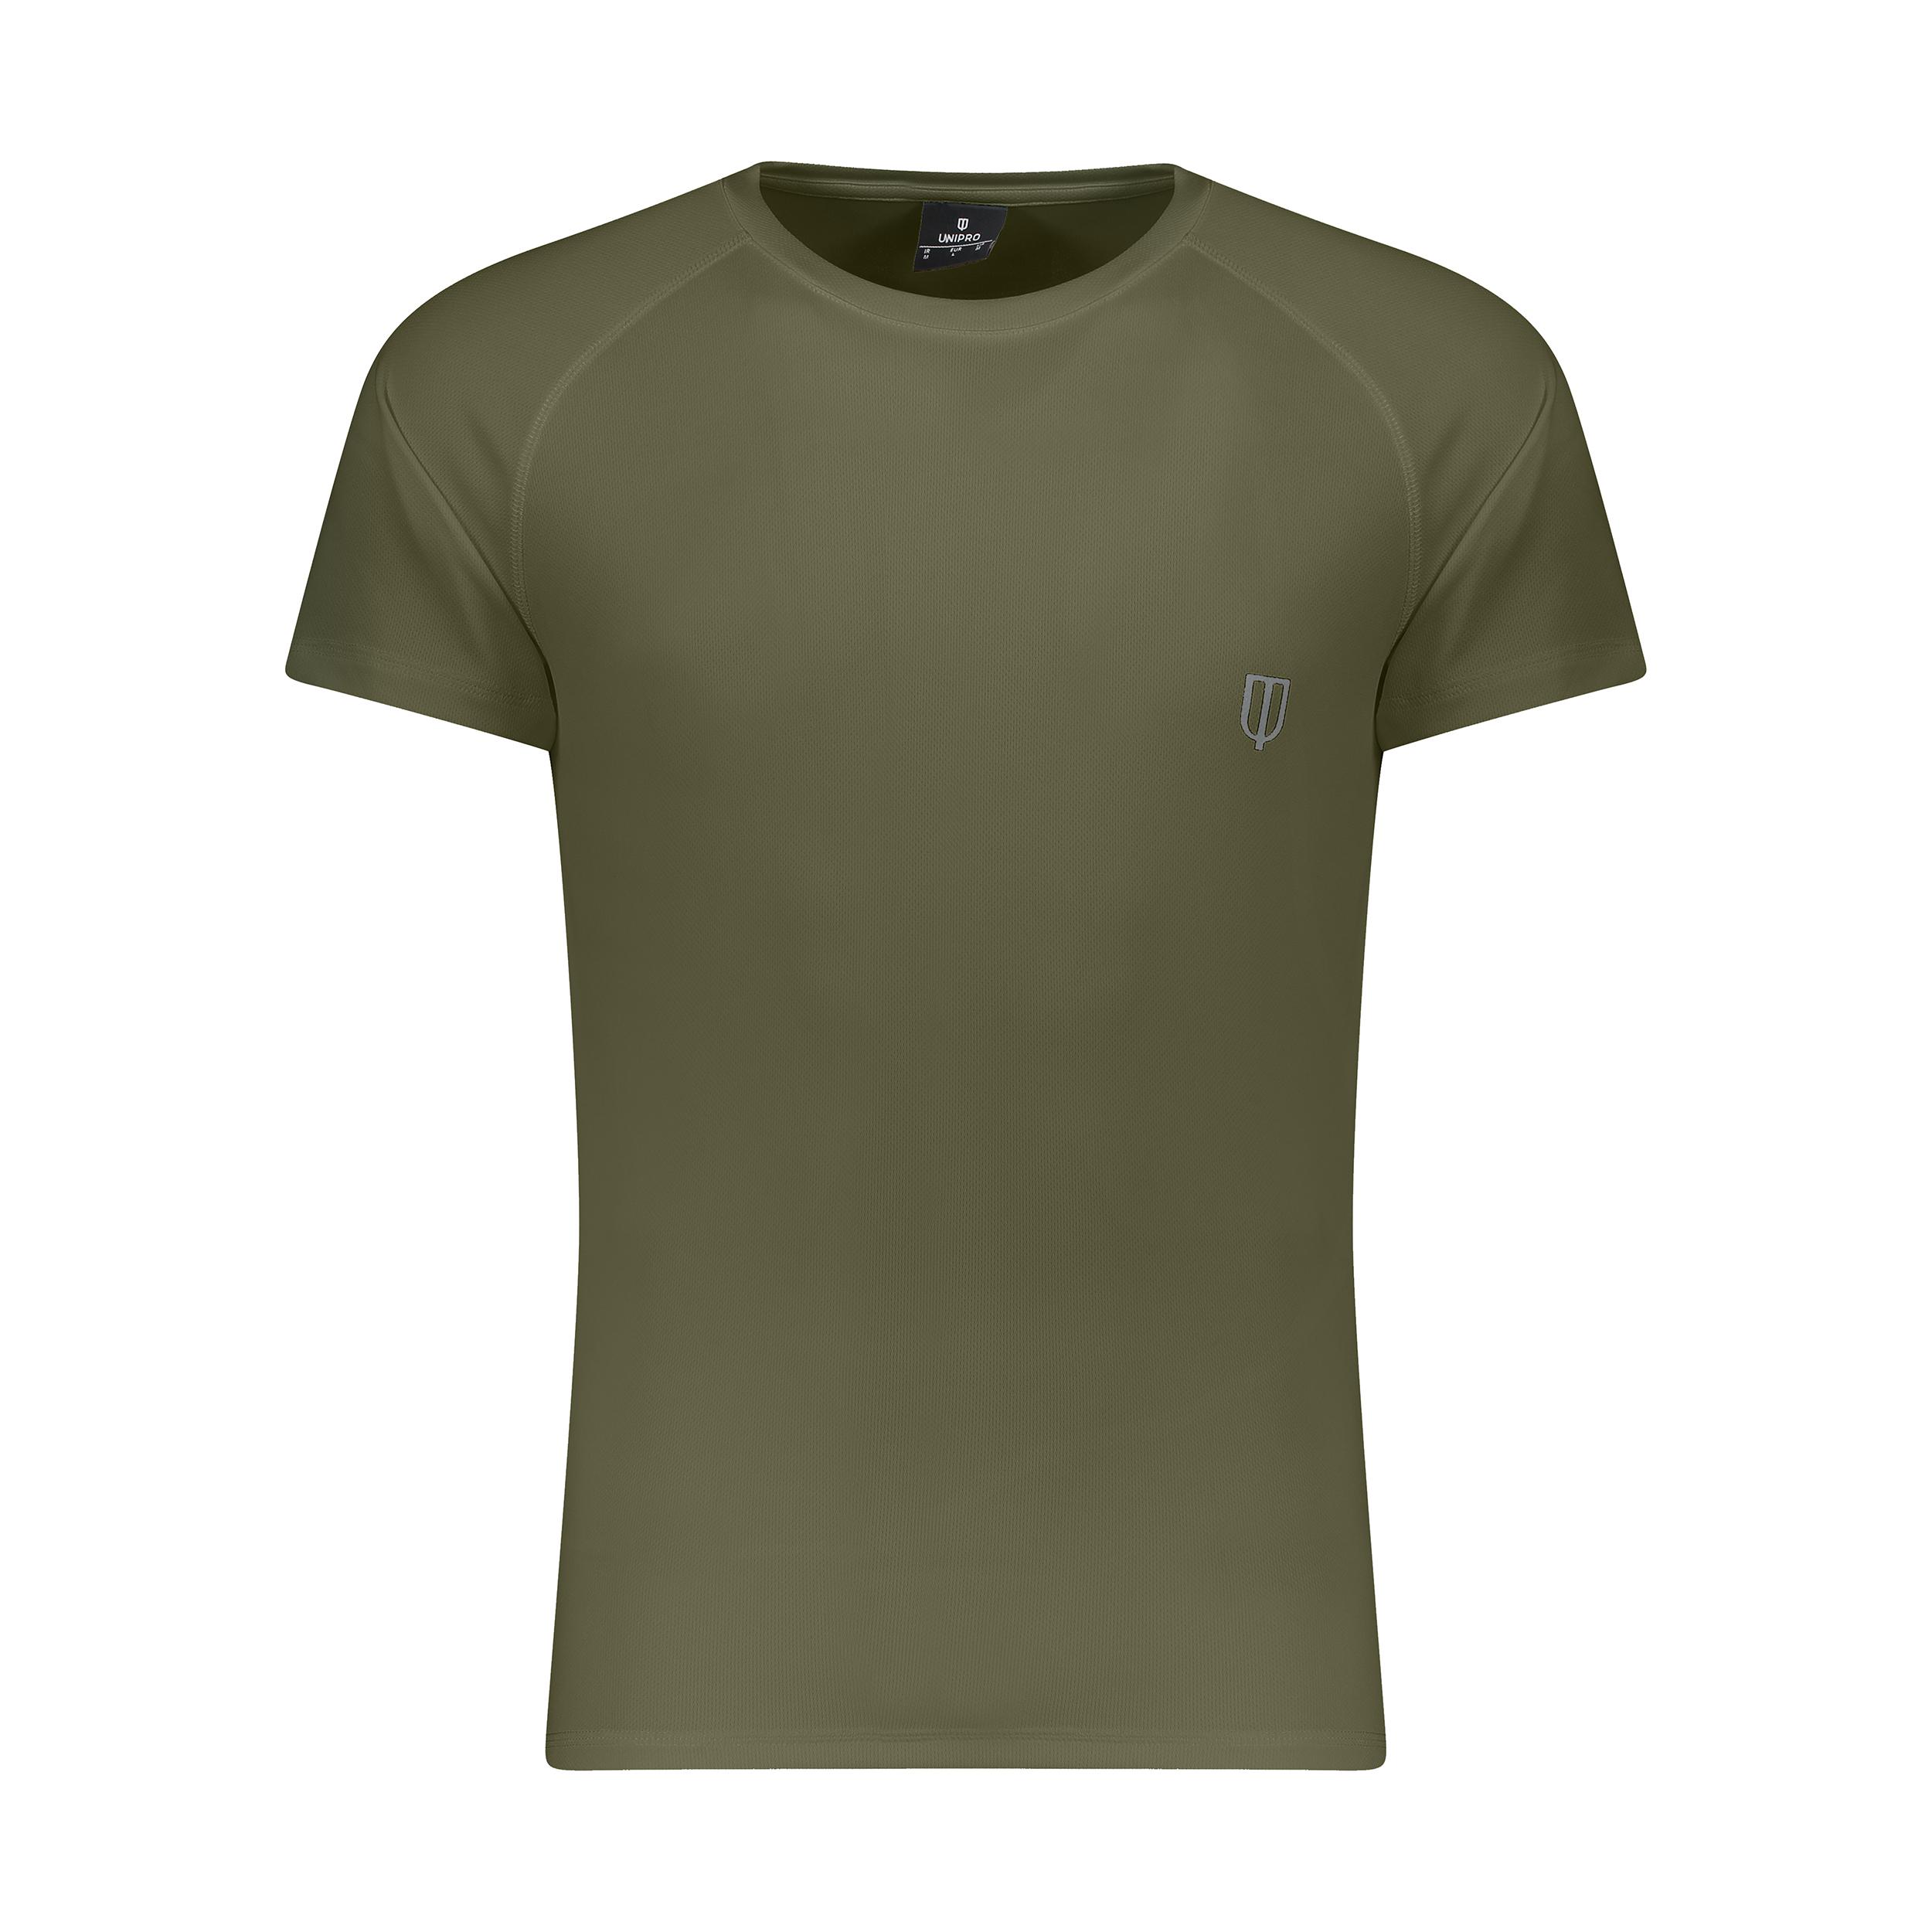 تی شرت ورزشی مردانه یونی پرو مدل 912110308-60